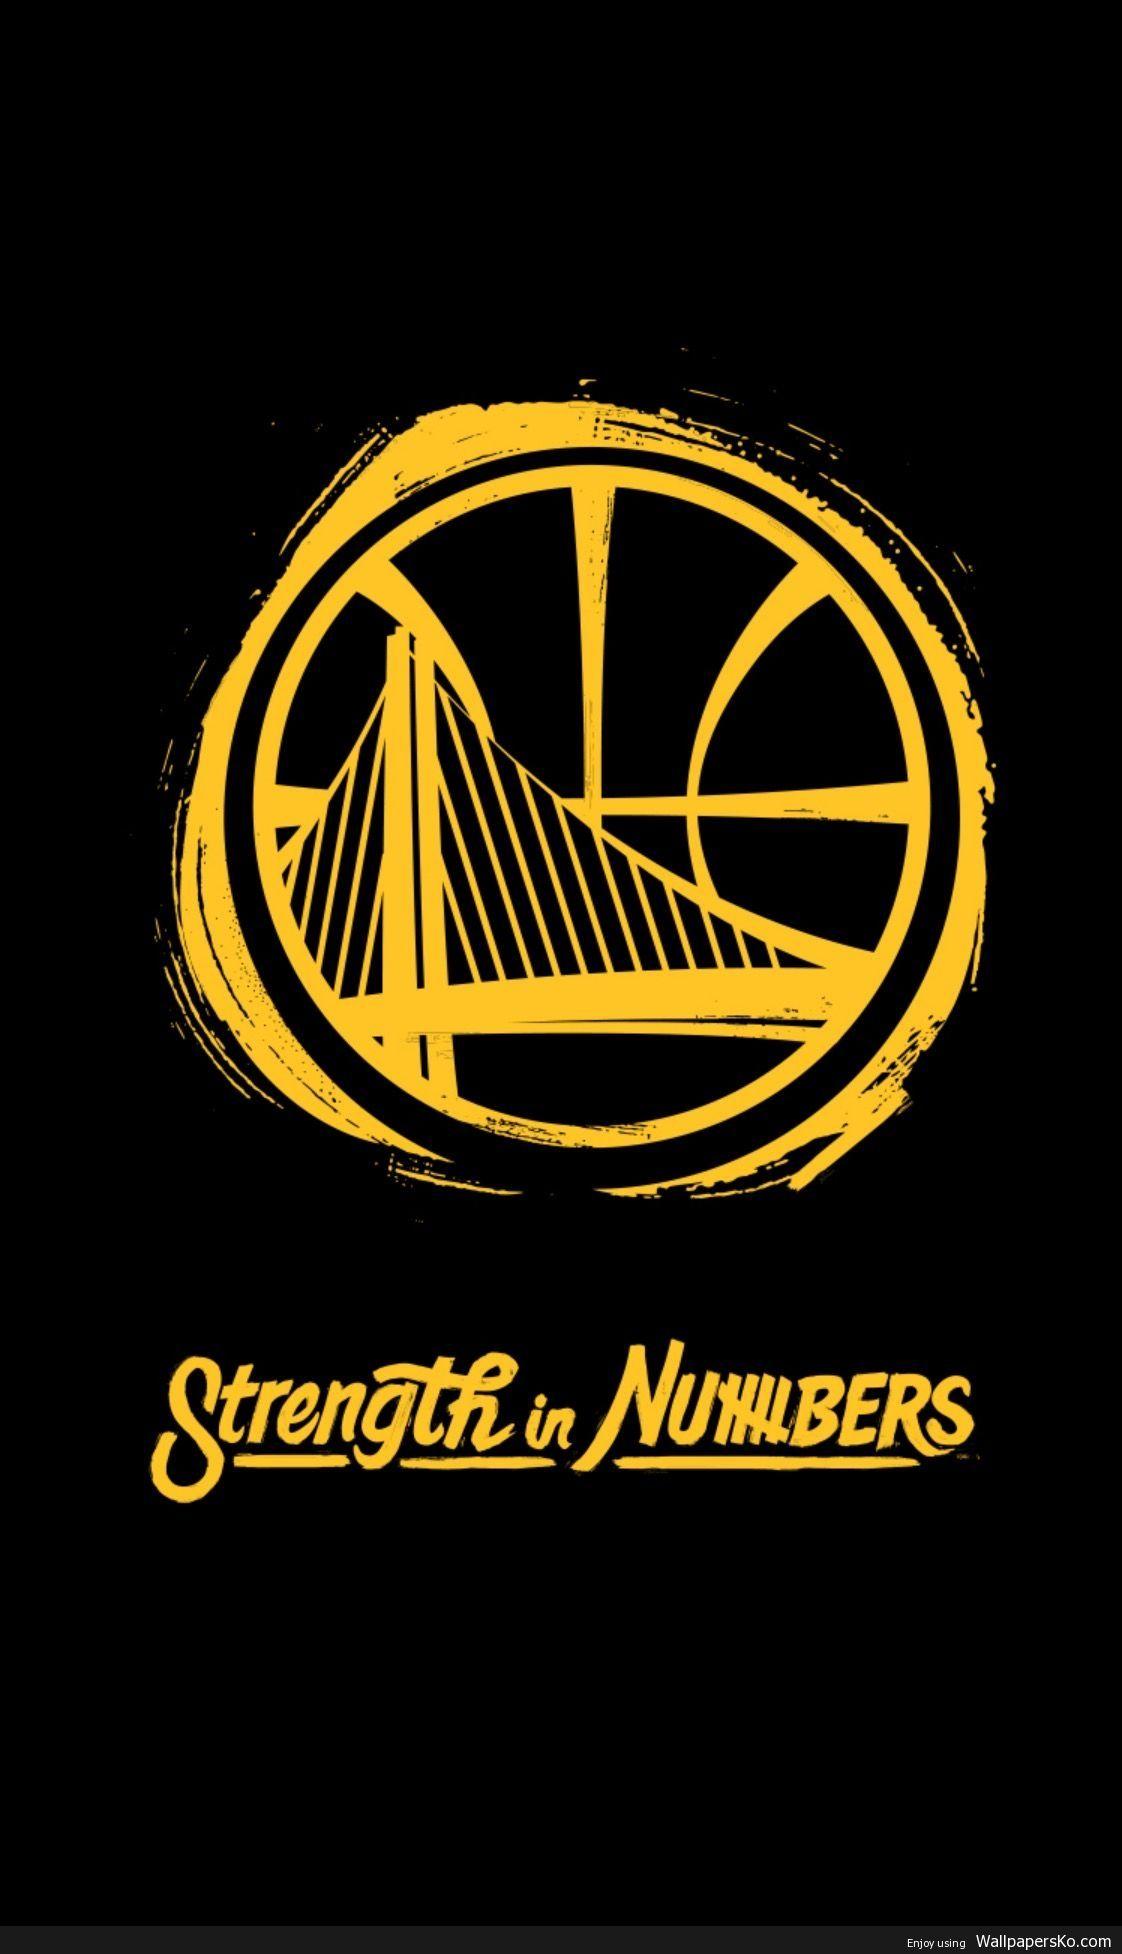 Golden State Warriors Wallpaper Iphone Http Wallpapersko Com Golden Sta Golden State Warriors Wallpaper Warriors Wallpaper Golden State Warriors Basketball